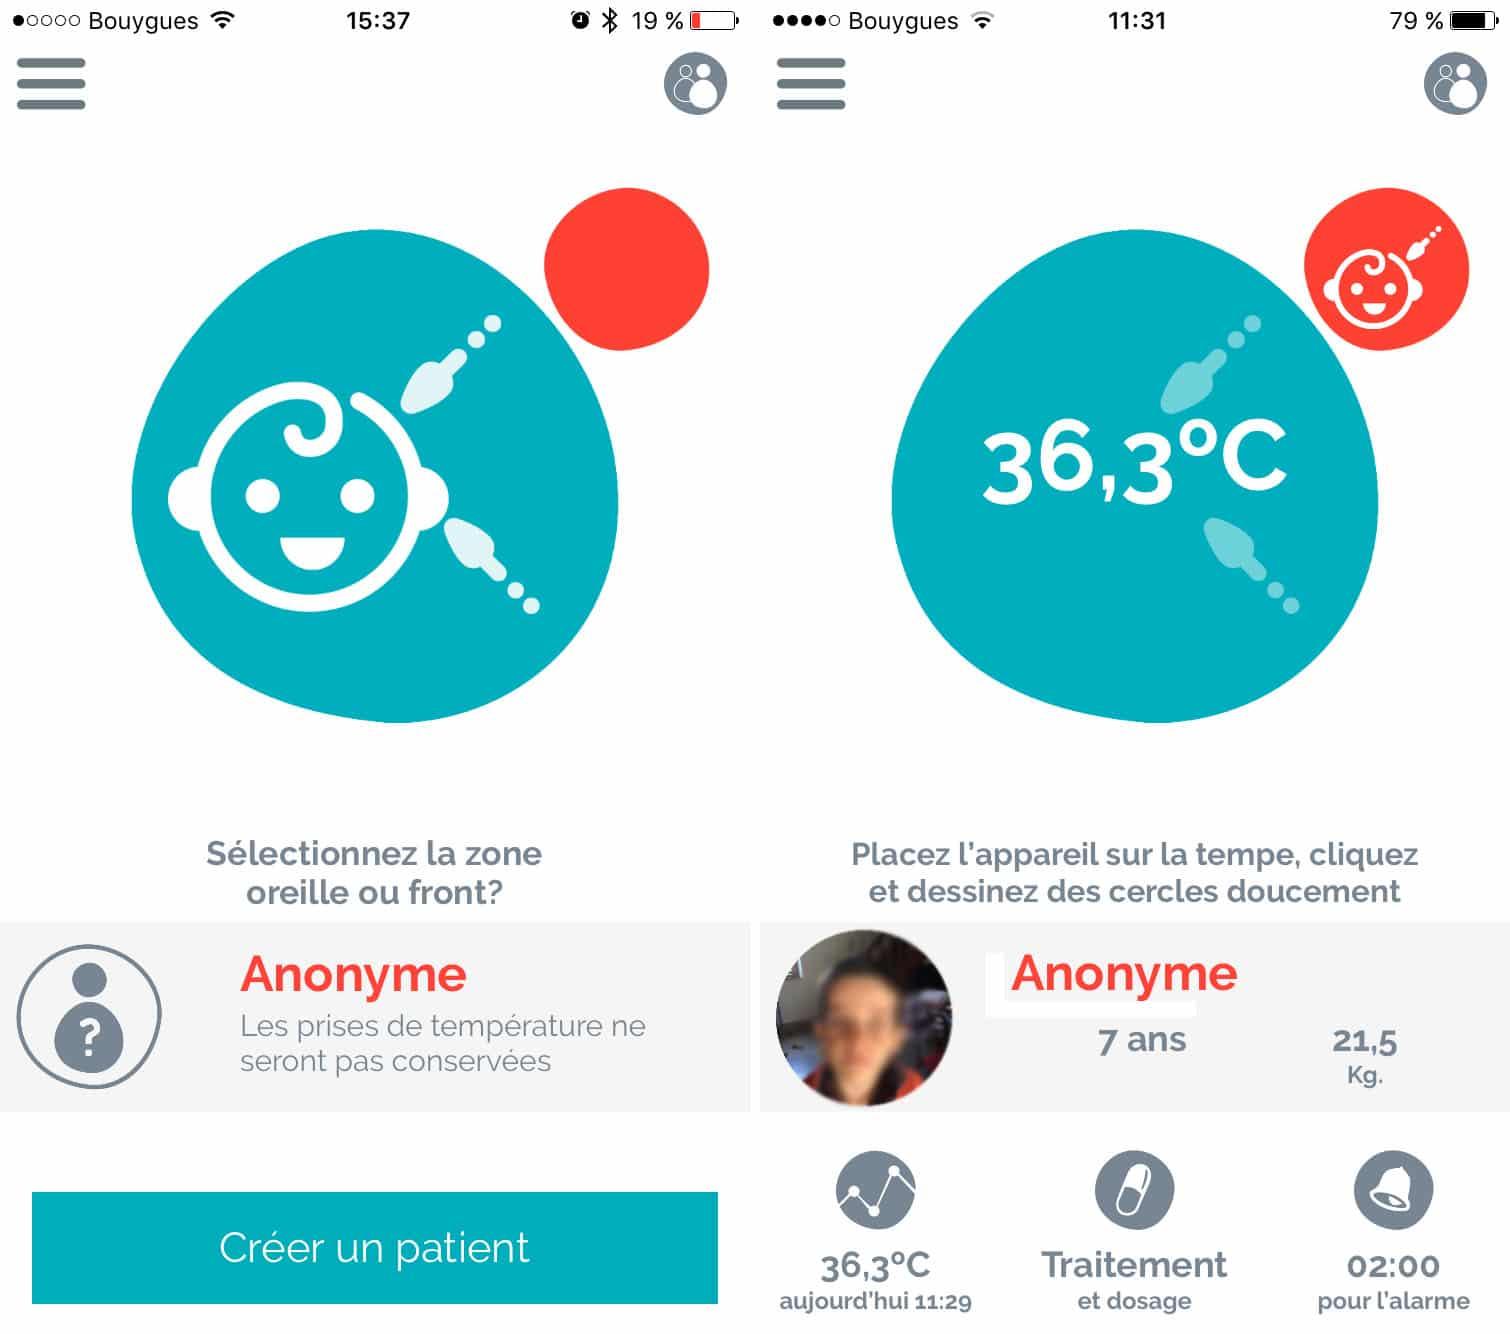 oblumi-tapp-13 Test du thermomètre digital connecté pour toute la famille Oblumi Tapp